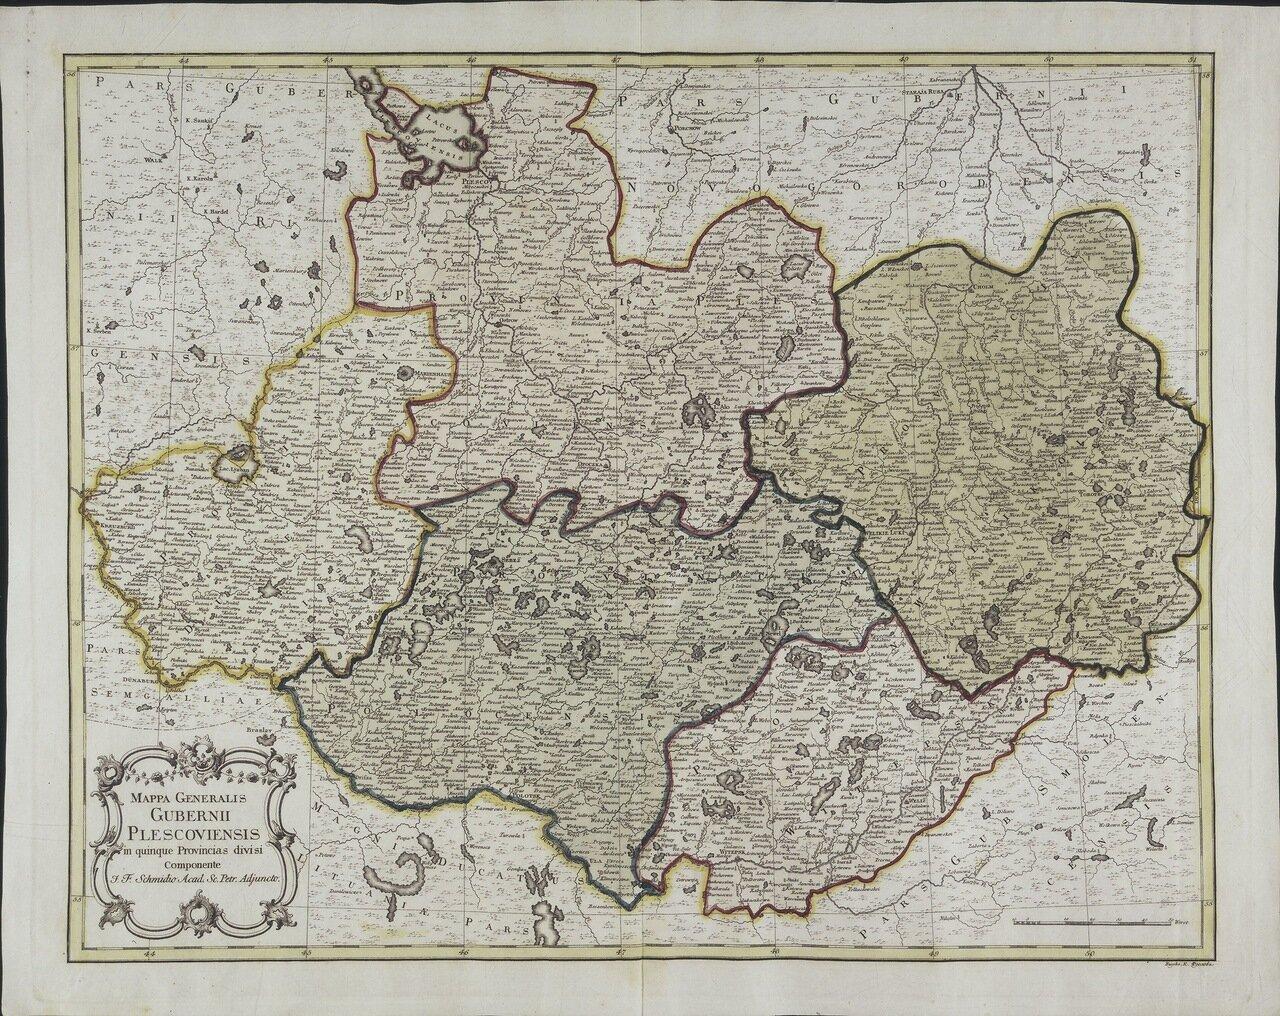 1750. Генеральная карта Псковской провинции